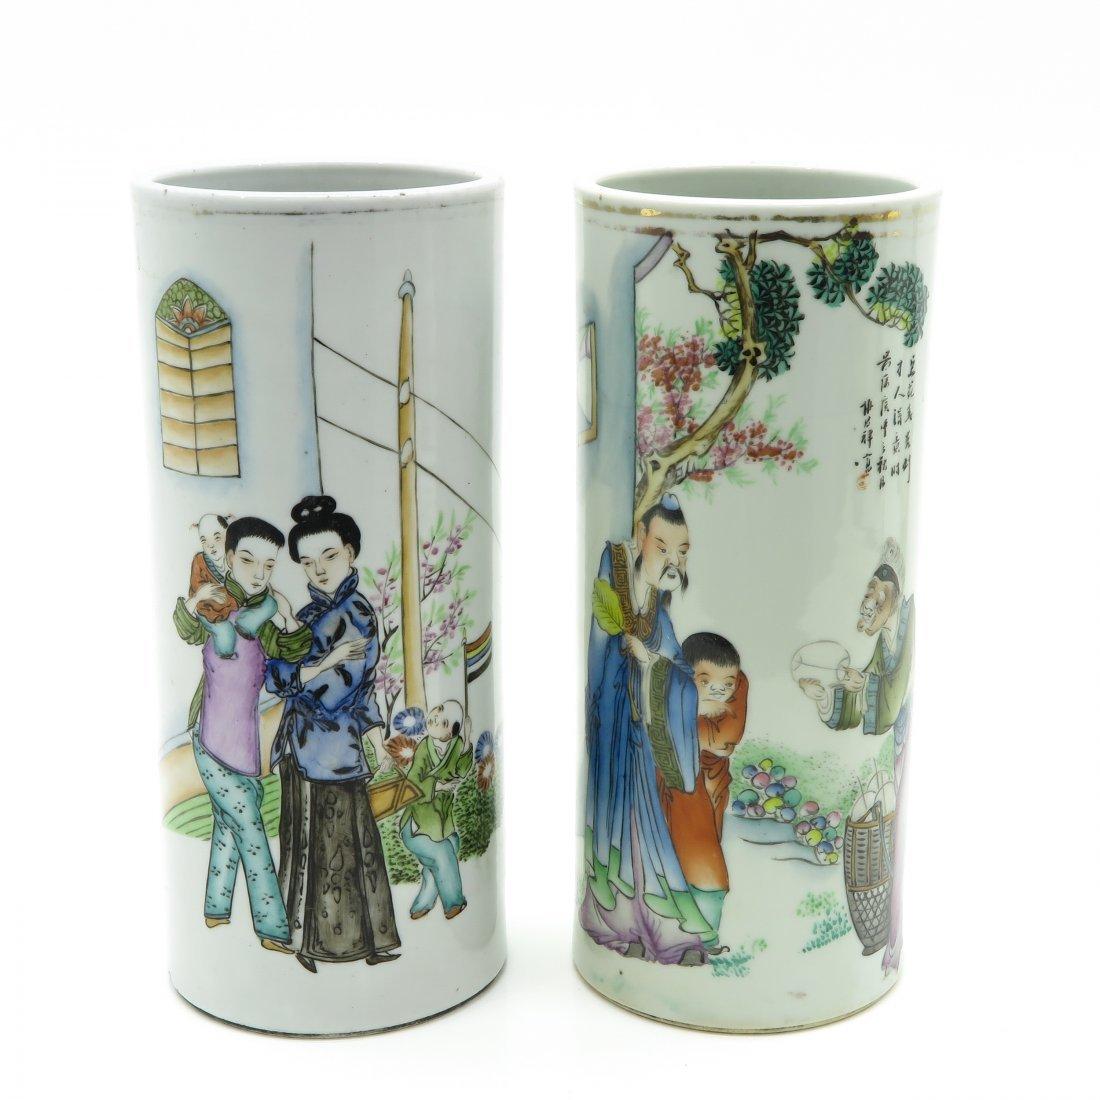 Lot of 2 China Porcelain Cylinder Vases